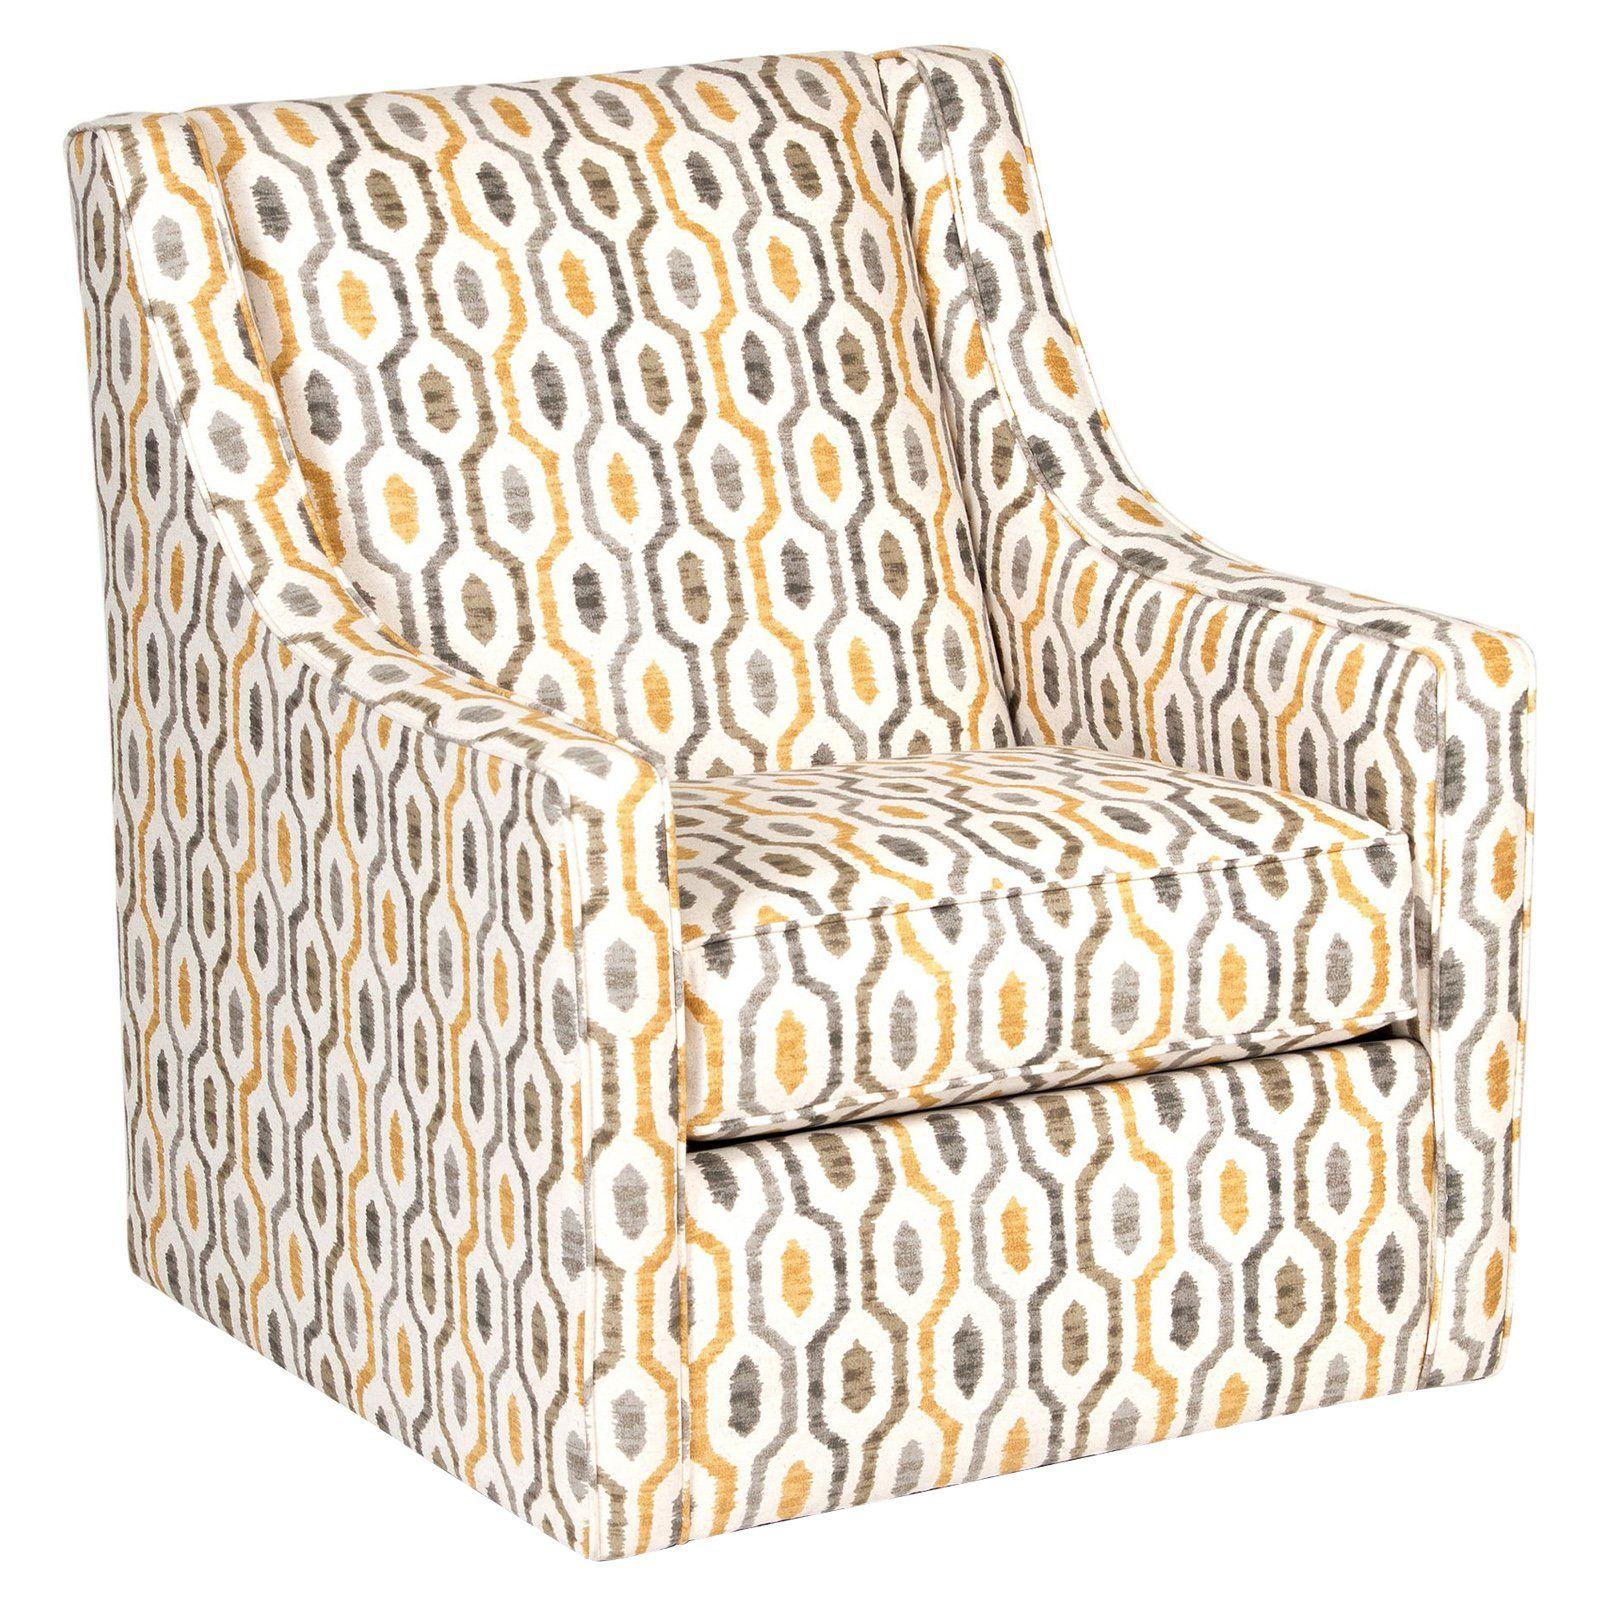 Chelsea Home Furniture Halifax Swivel